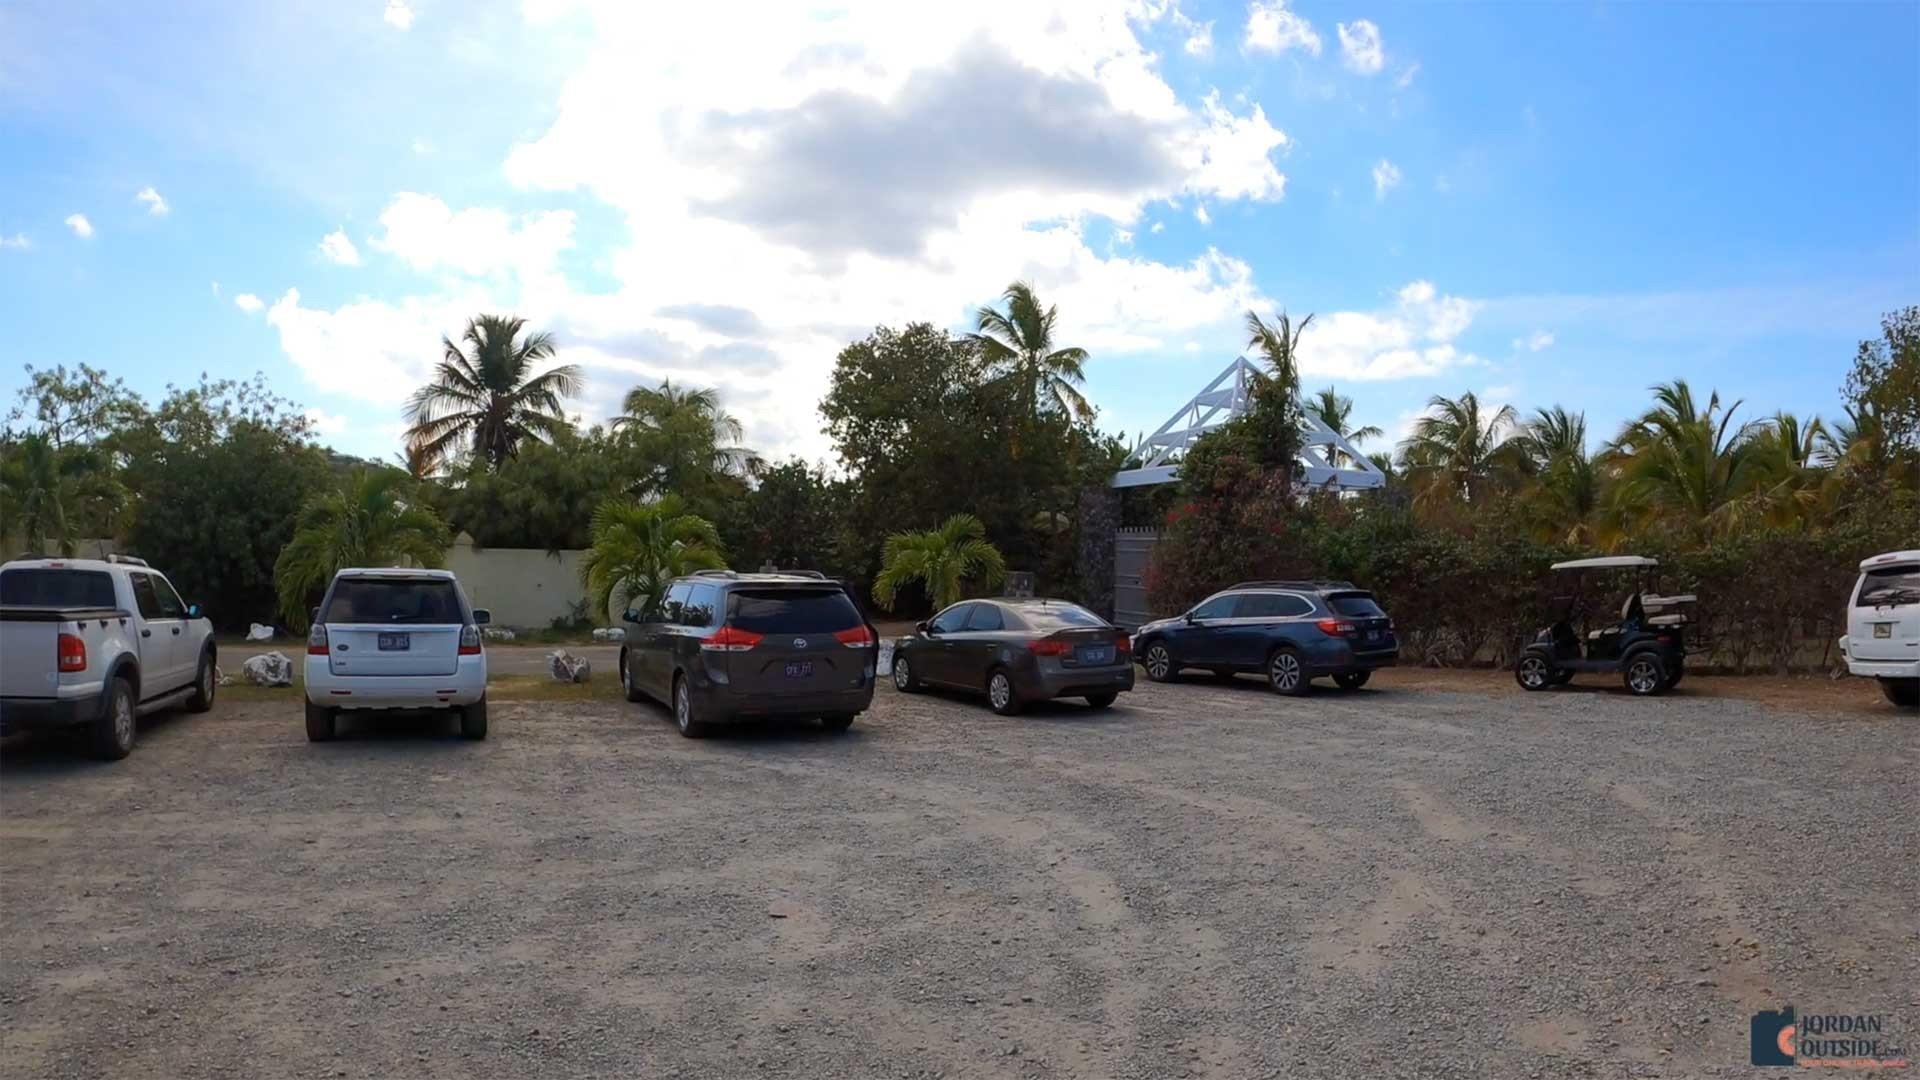 Shoys Beach Parking Lot, St. Croix